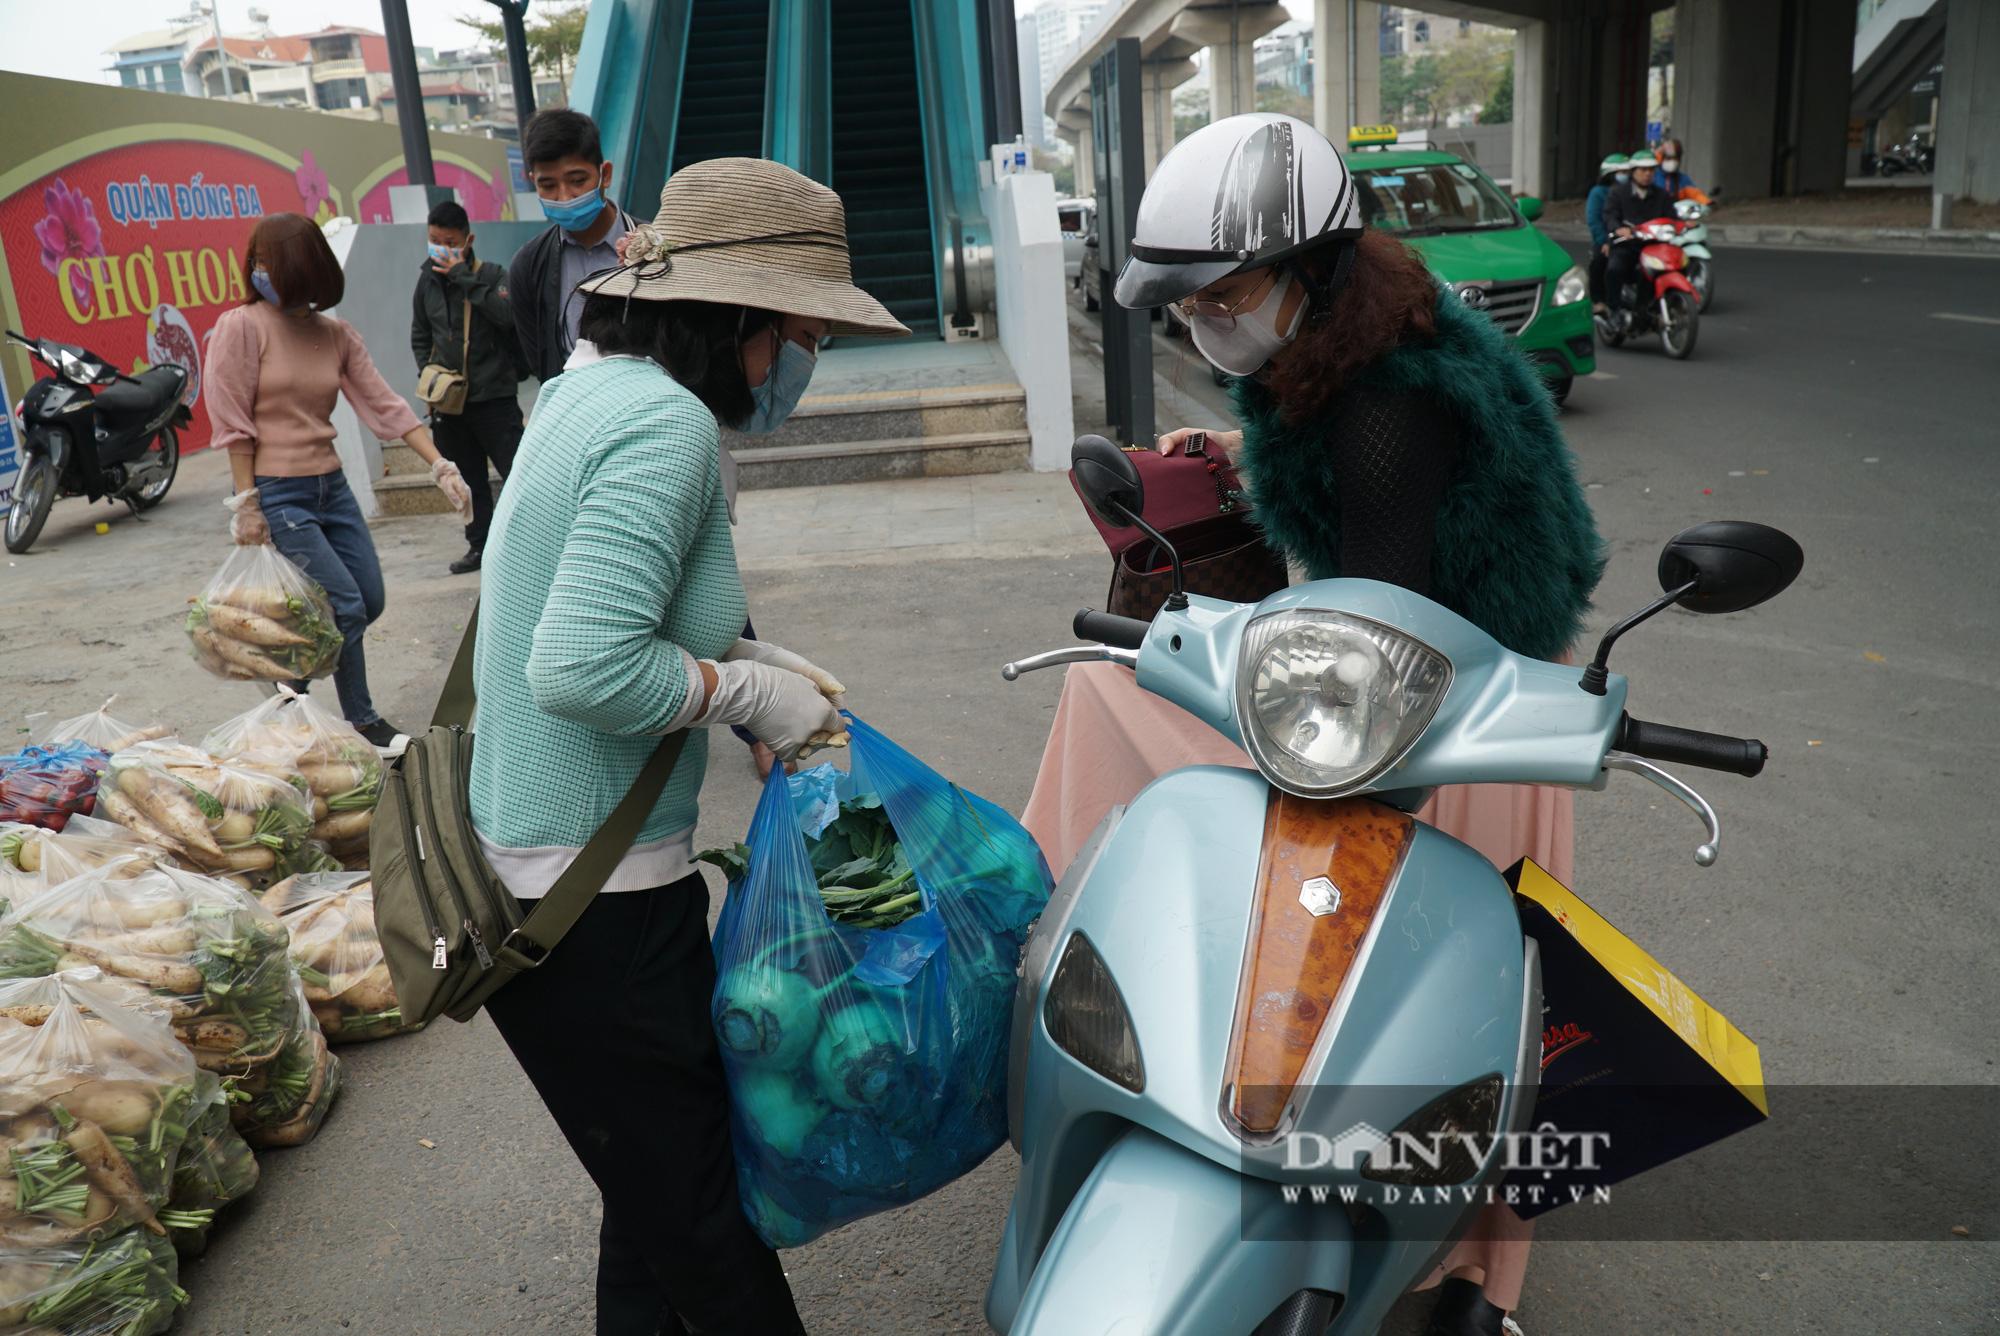 Hơn 4 tấn nông sản ở Mê Linh được giải cứu trong sáng nay - Ảnh 13.